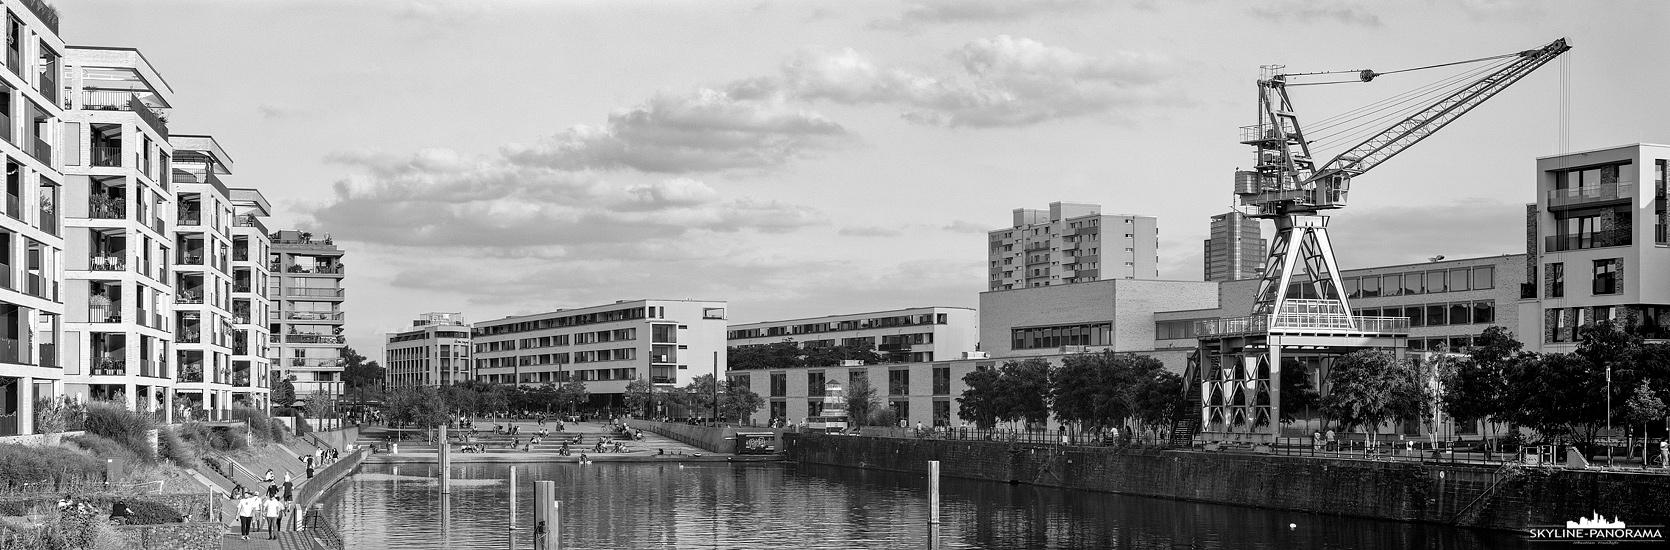 Offenbach am Main - Stadtansichten (p_01200)